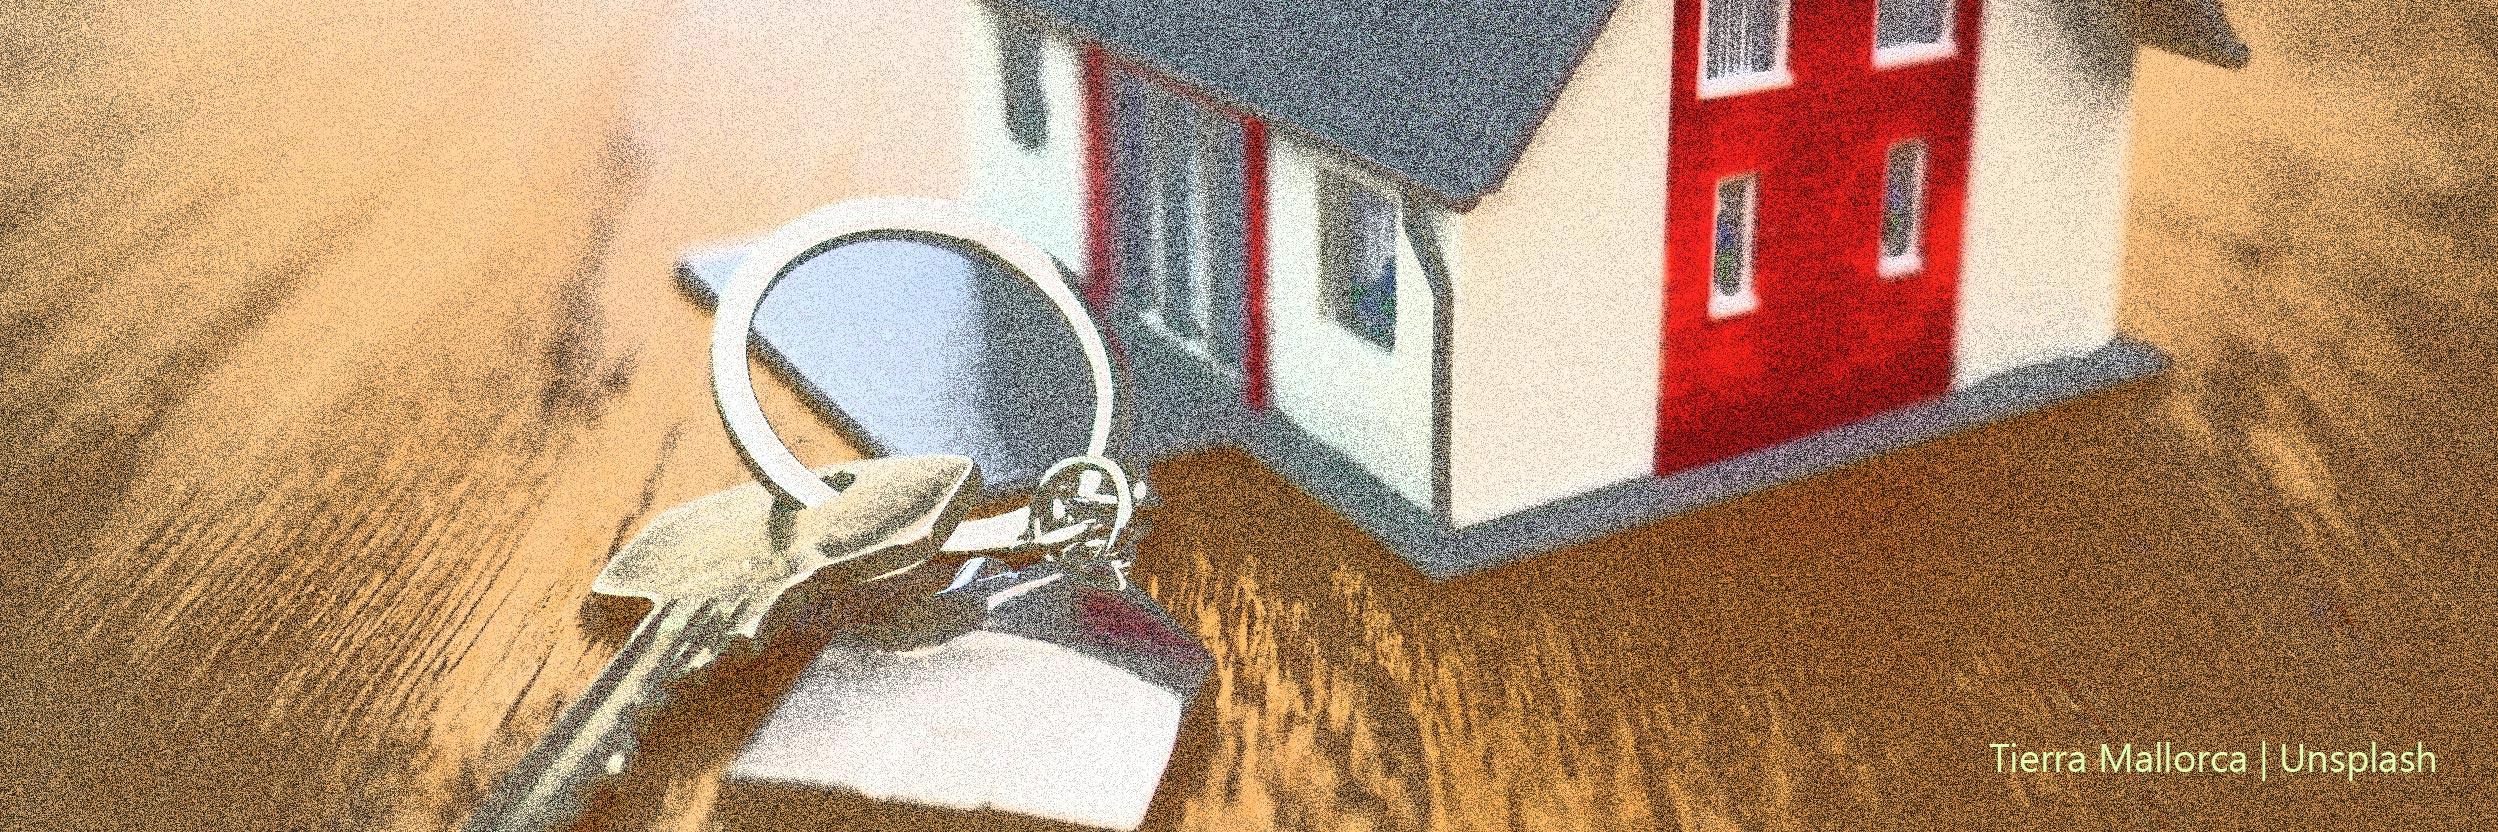 Imobiliárias, corretores de imóveis e Coronavírus